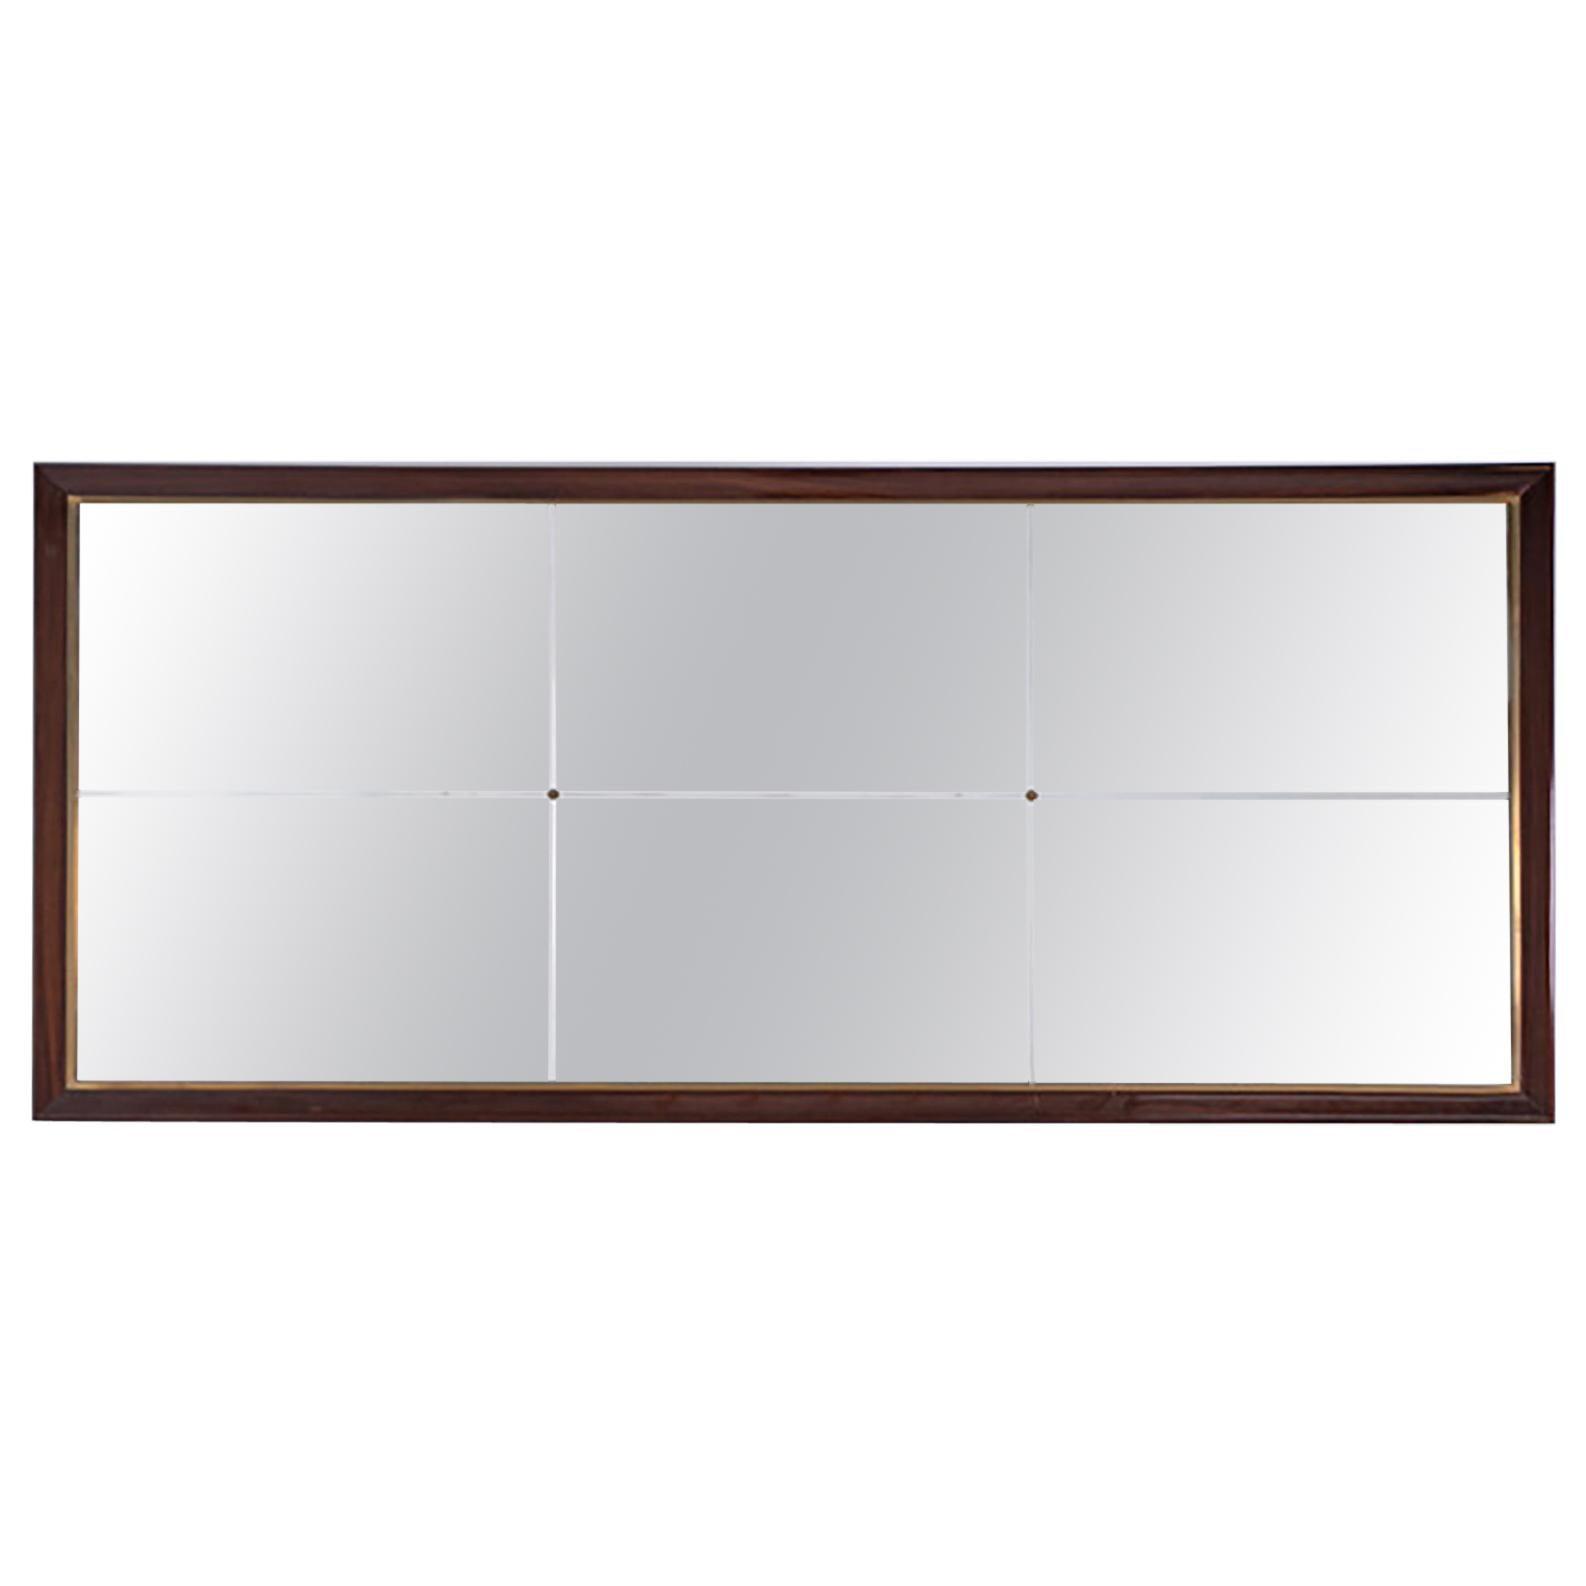 Italian Rectangular Wall Mirror Midcentury, 1950s